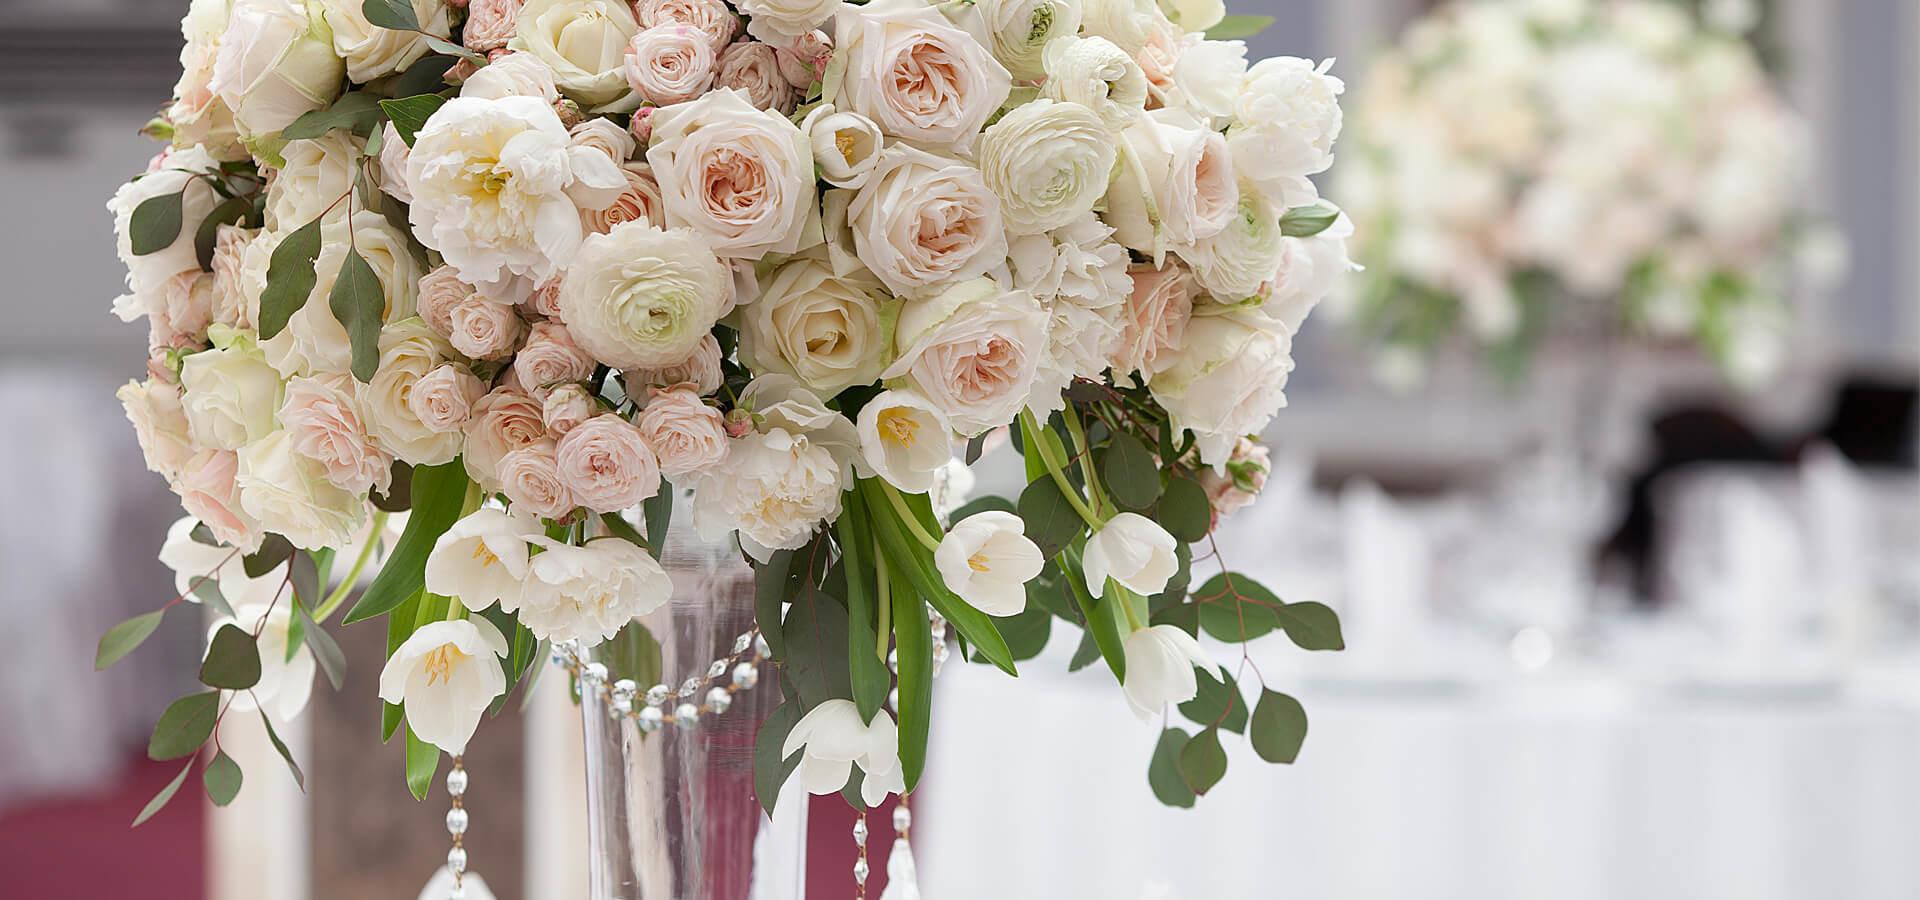 Топ 5 главных мифов о свадьбе